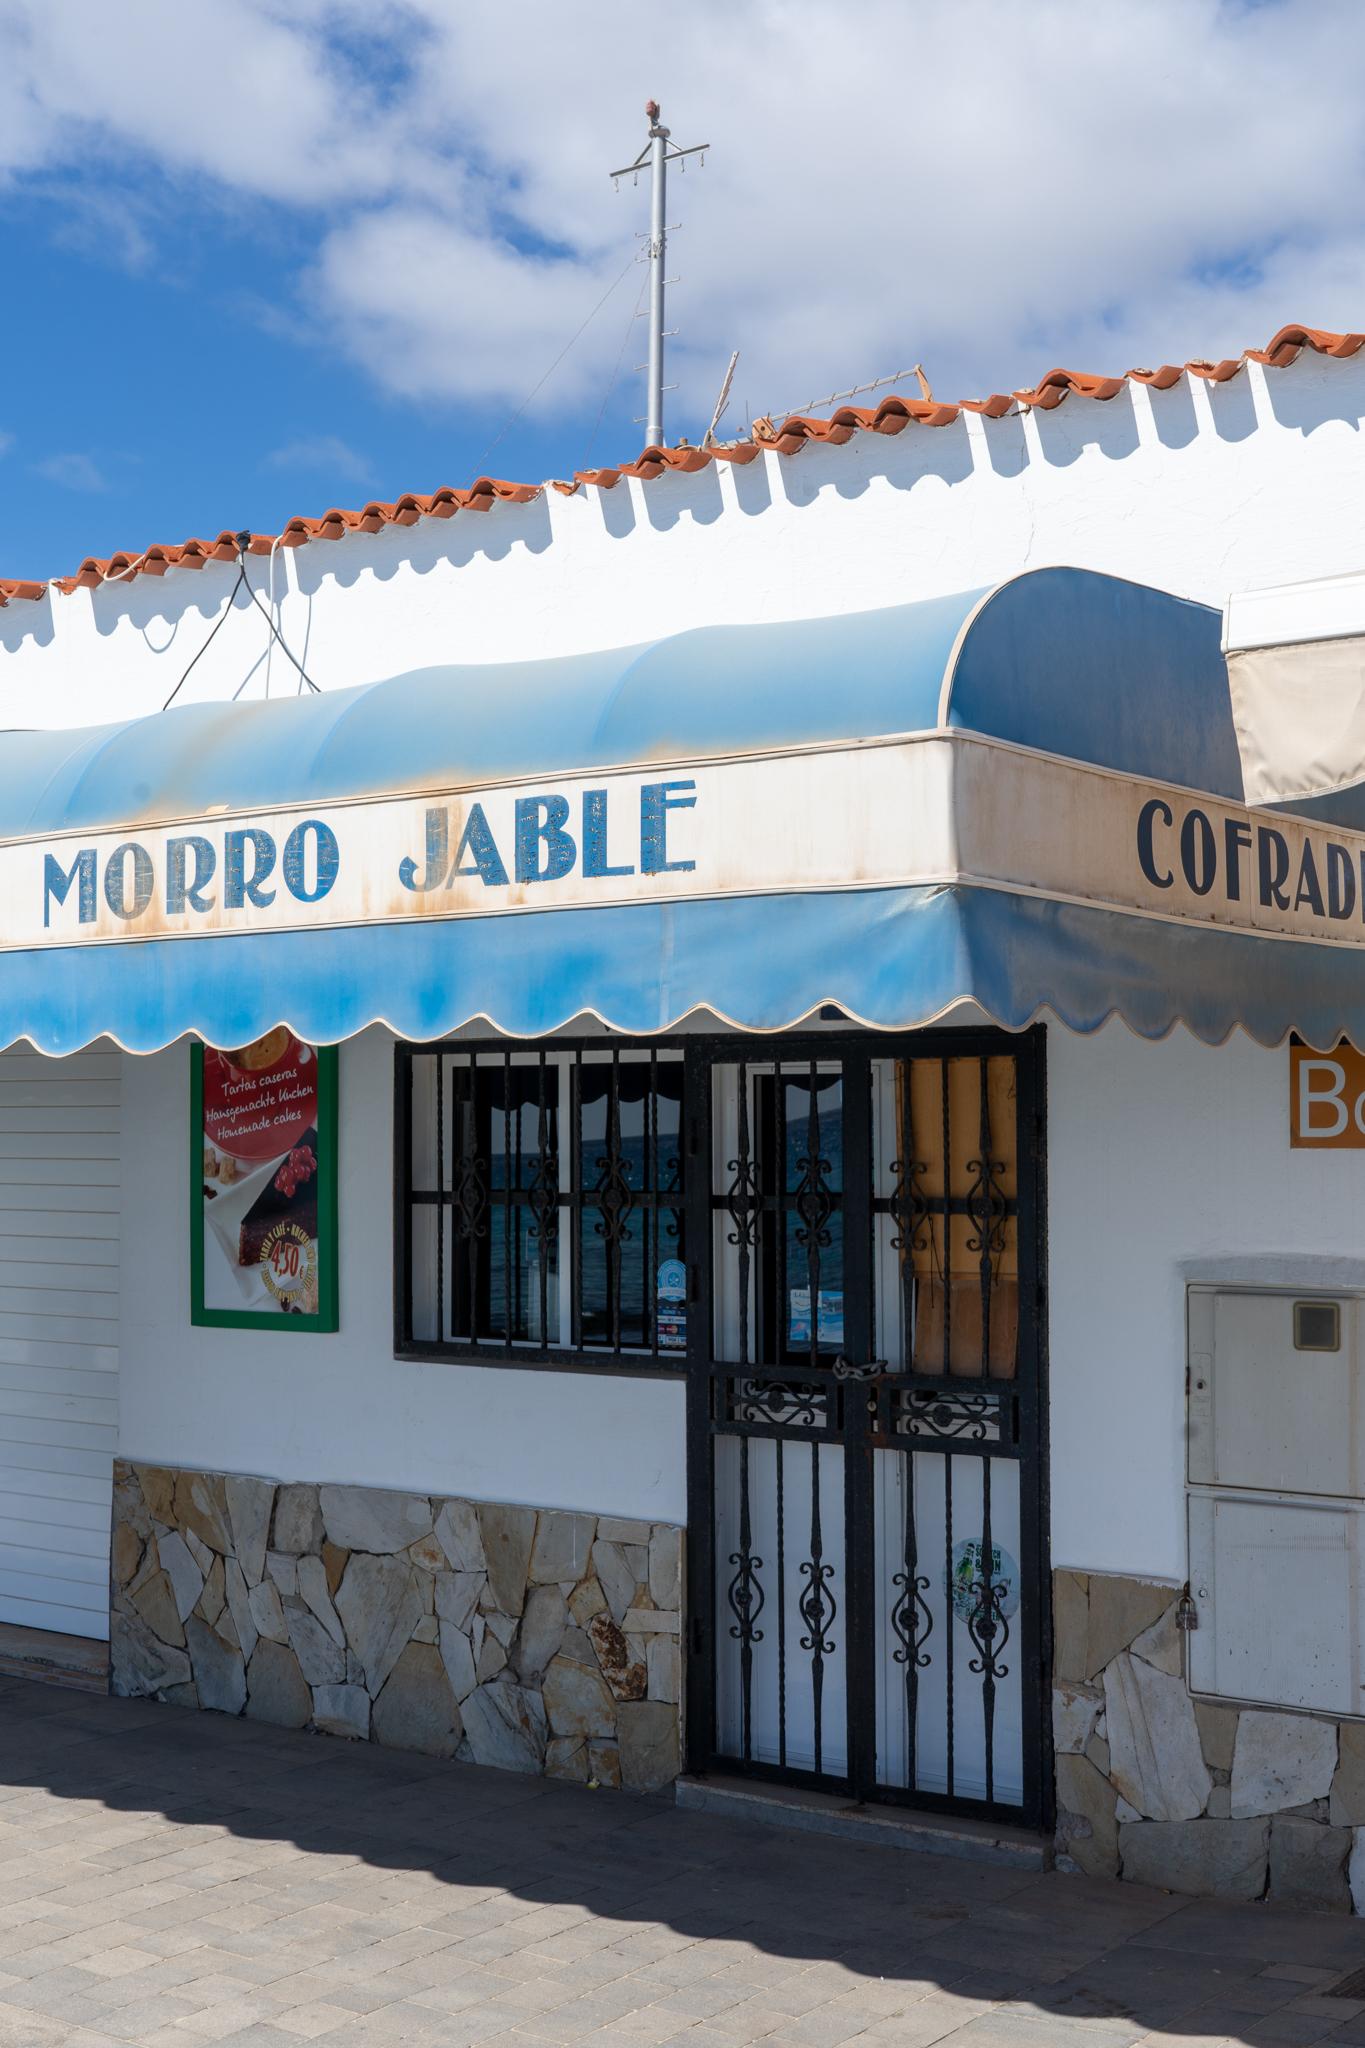 Morro Jable im Süden von Fuerteventura